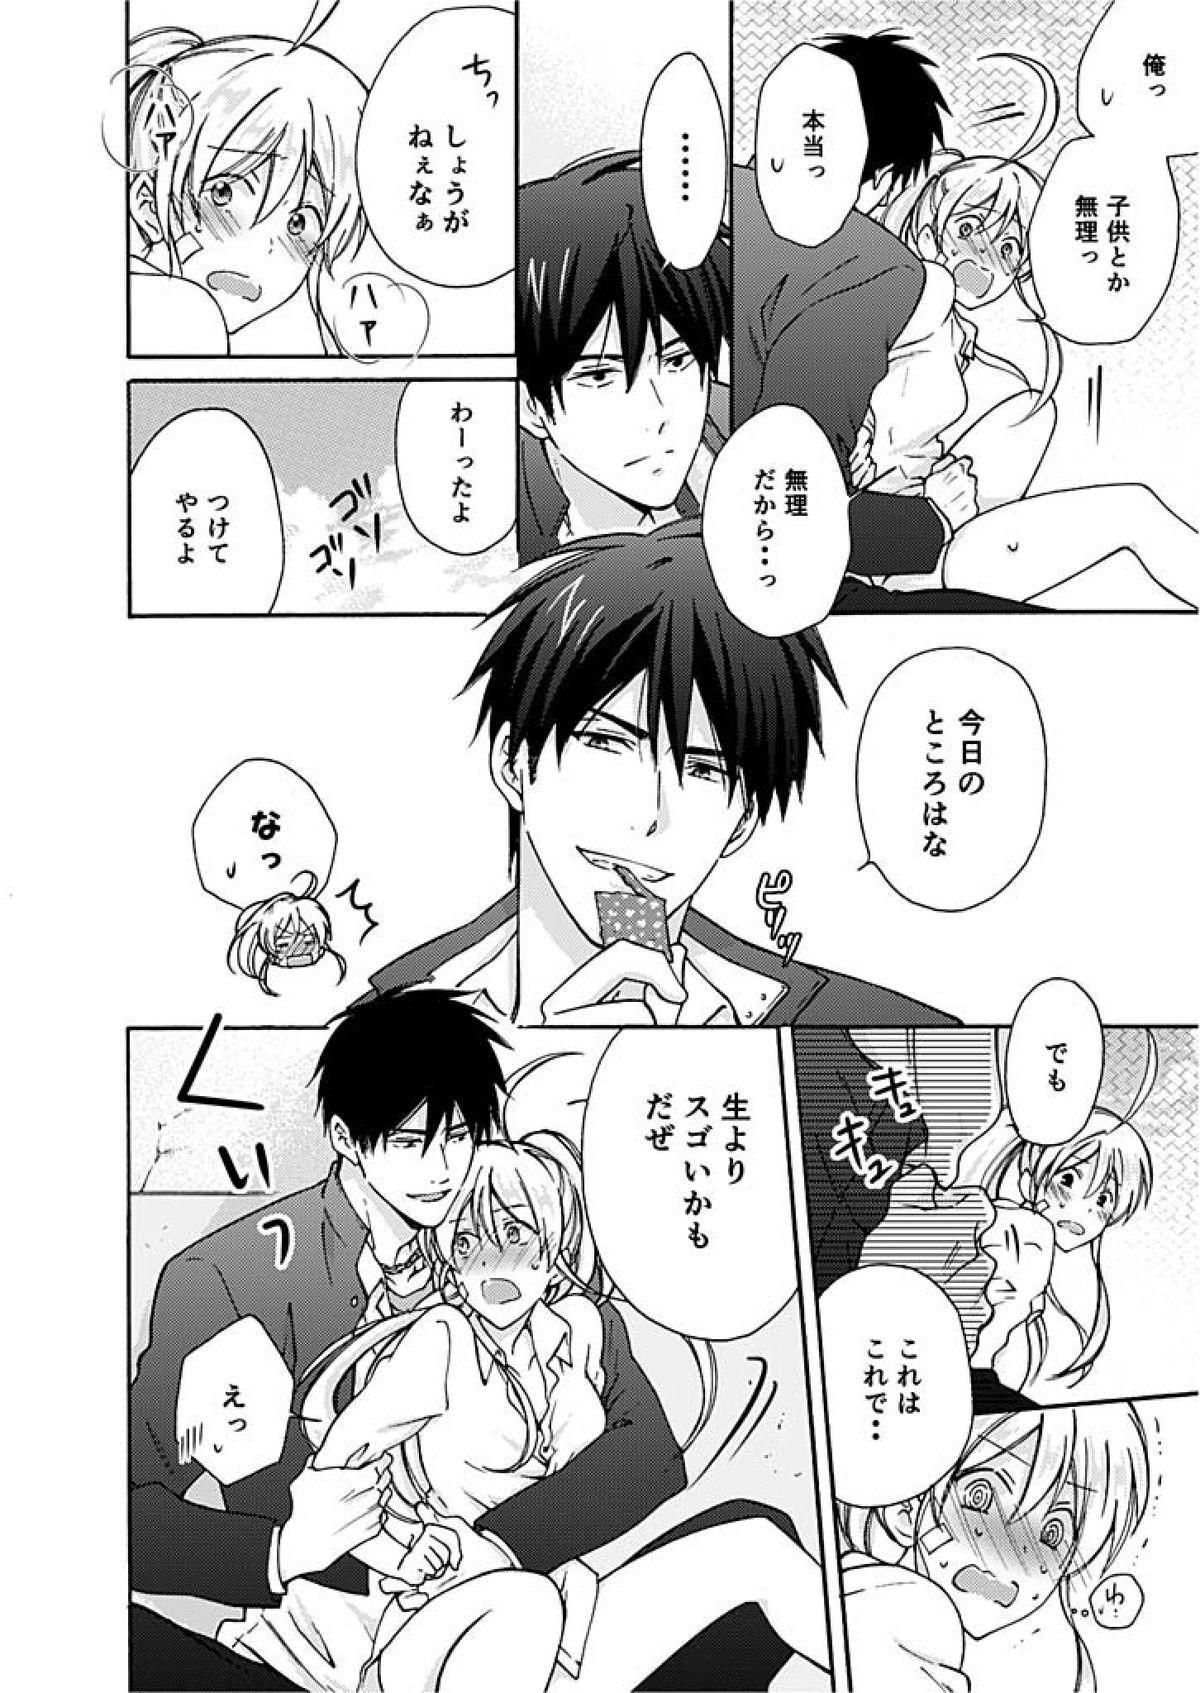 Nyotaika Yankee Gakuen ☆ Ore no Hajimete, Nerawaretemasu. 3 26